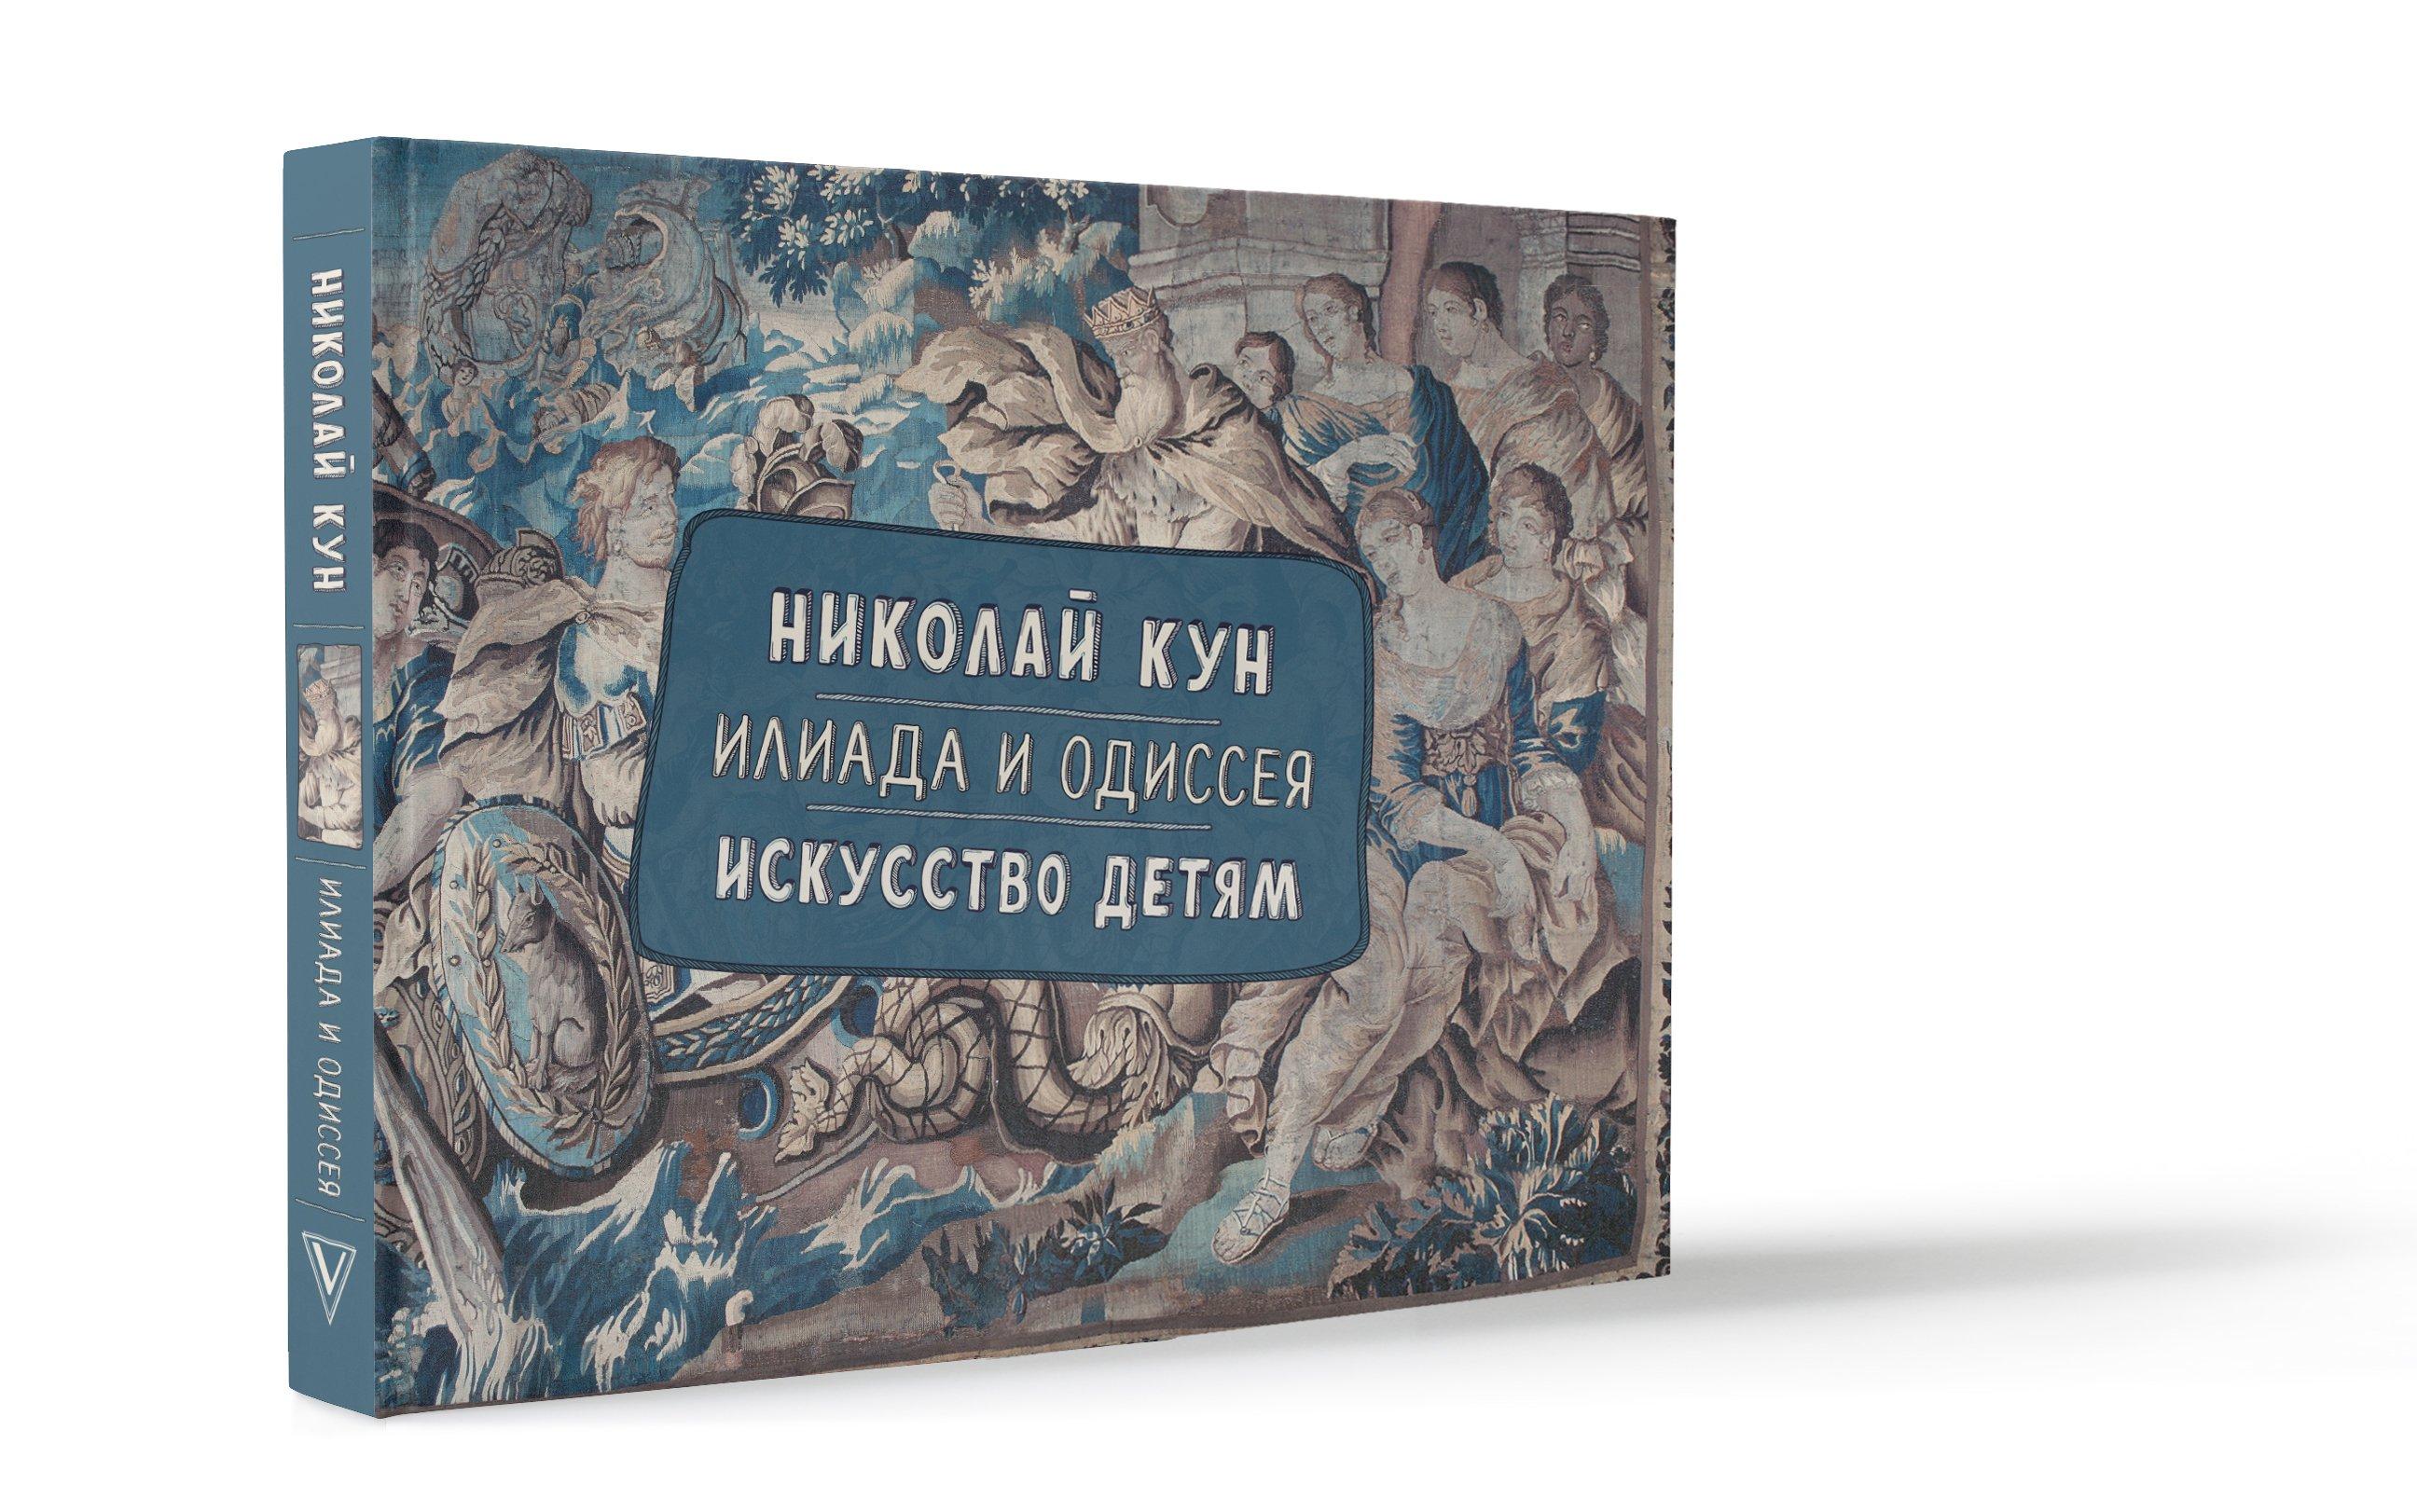 Кун Николай Альбертович Илиада и Одиссея. Искусство детям.